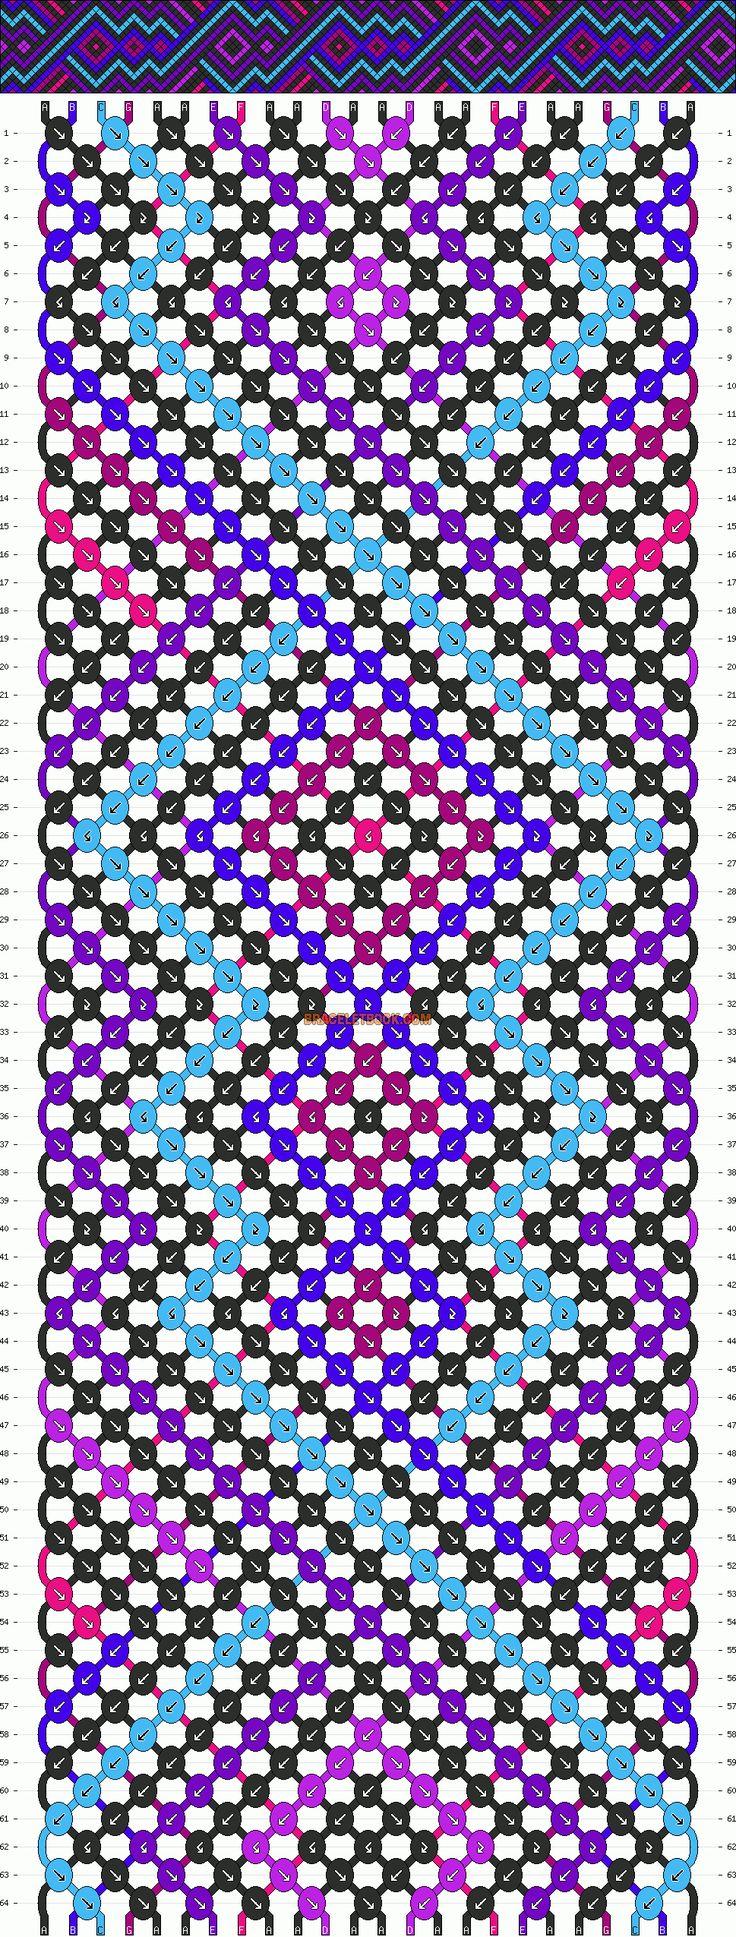 Normal Pattern #4459 Added By Beutysoul · Friendship Bracelets  Tutorialfriendship